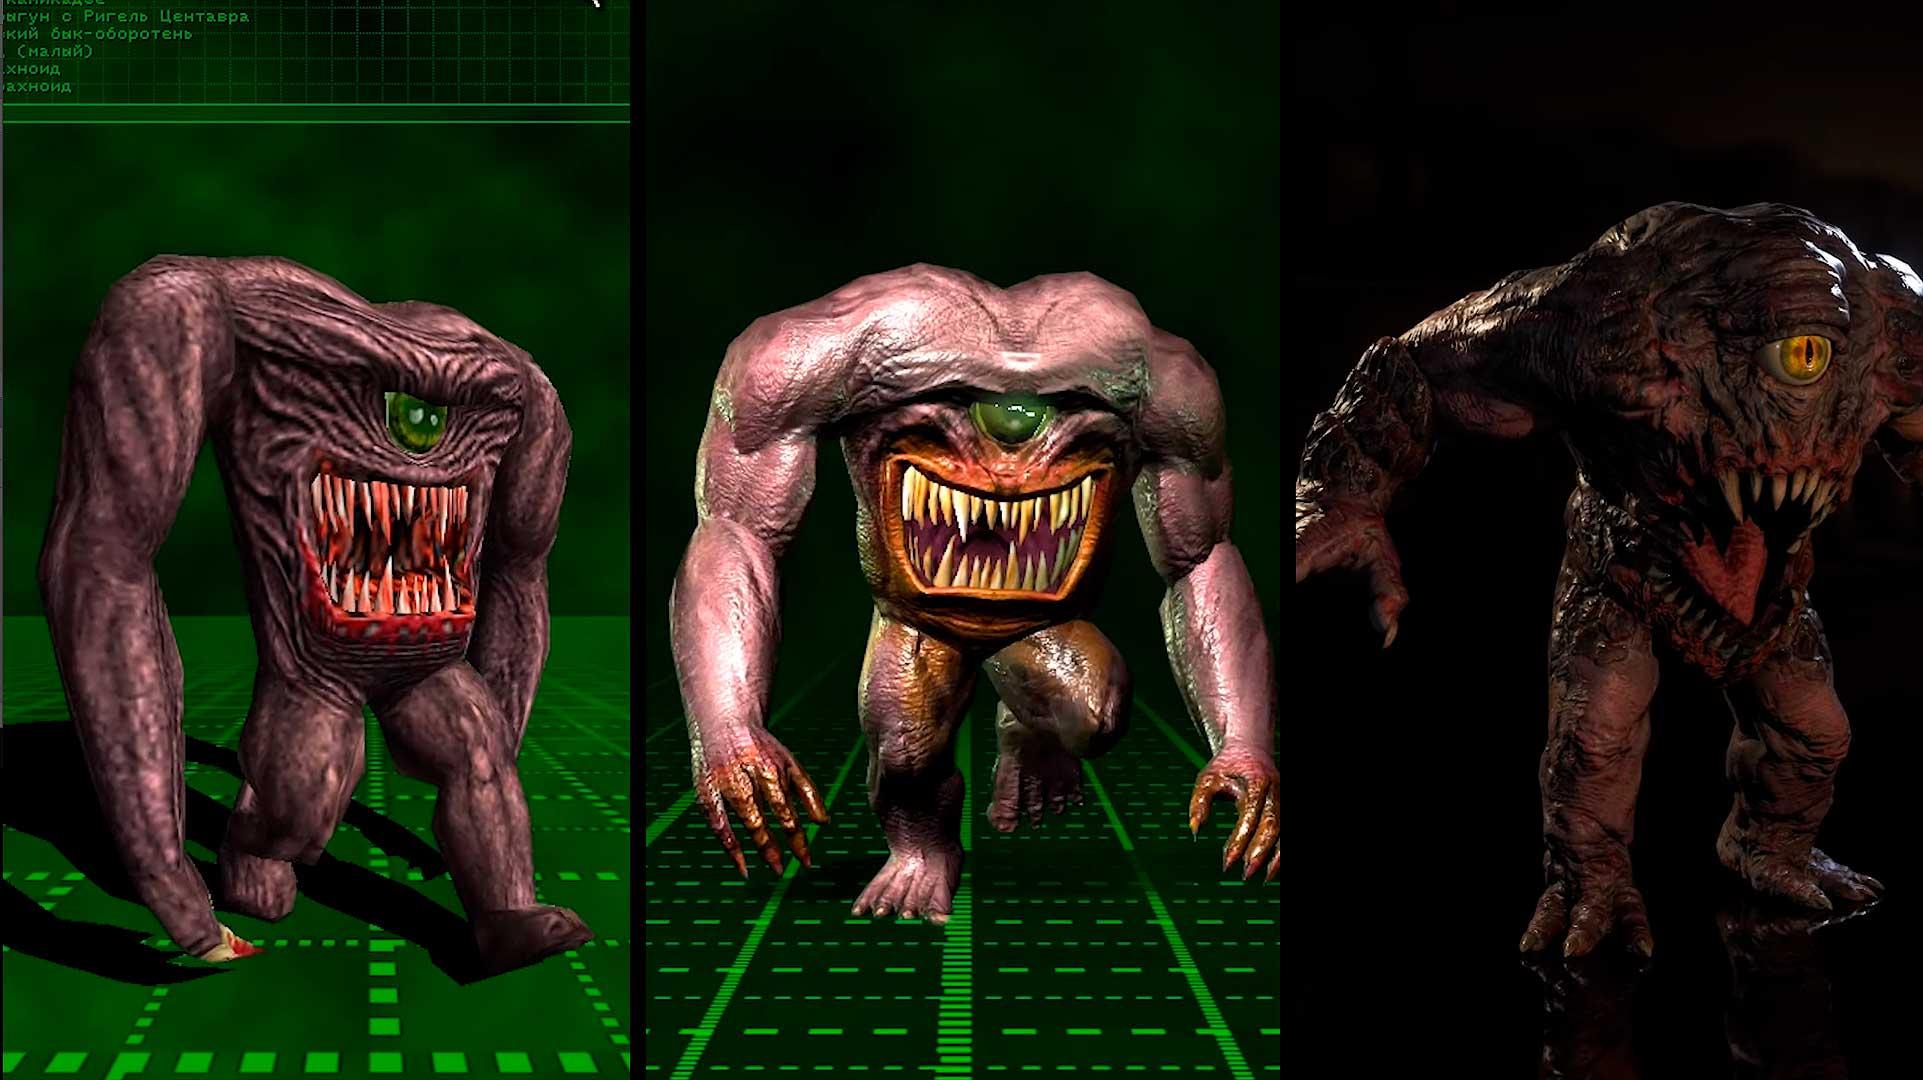 Эволюция врагов из серии игр Serious Sam